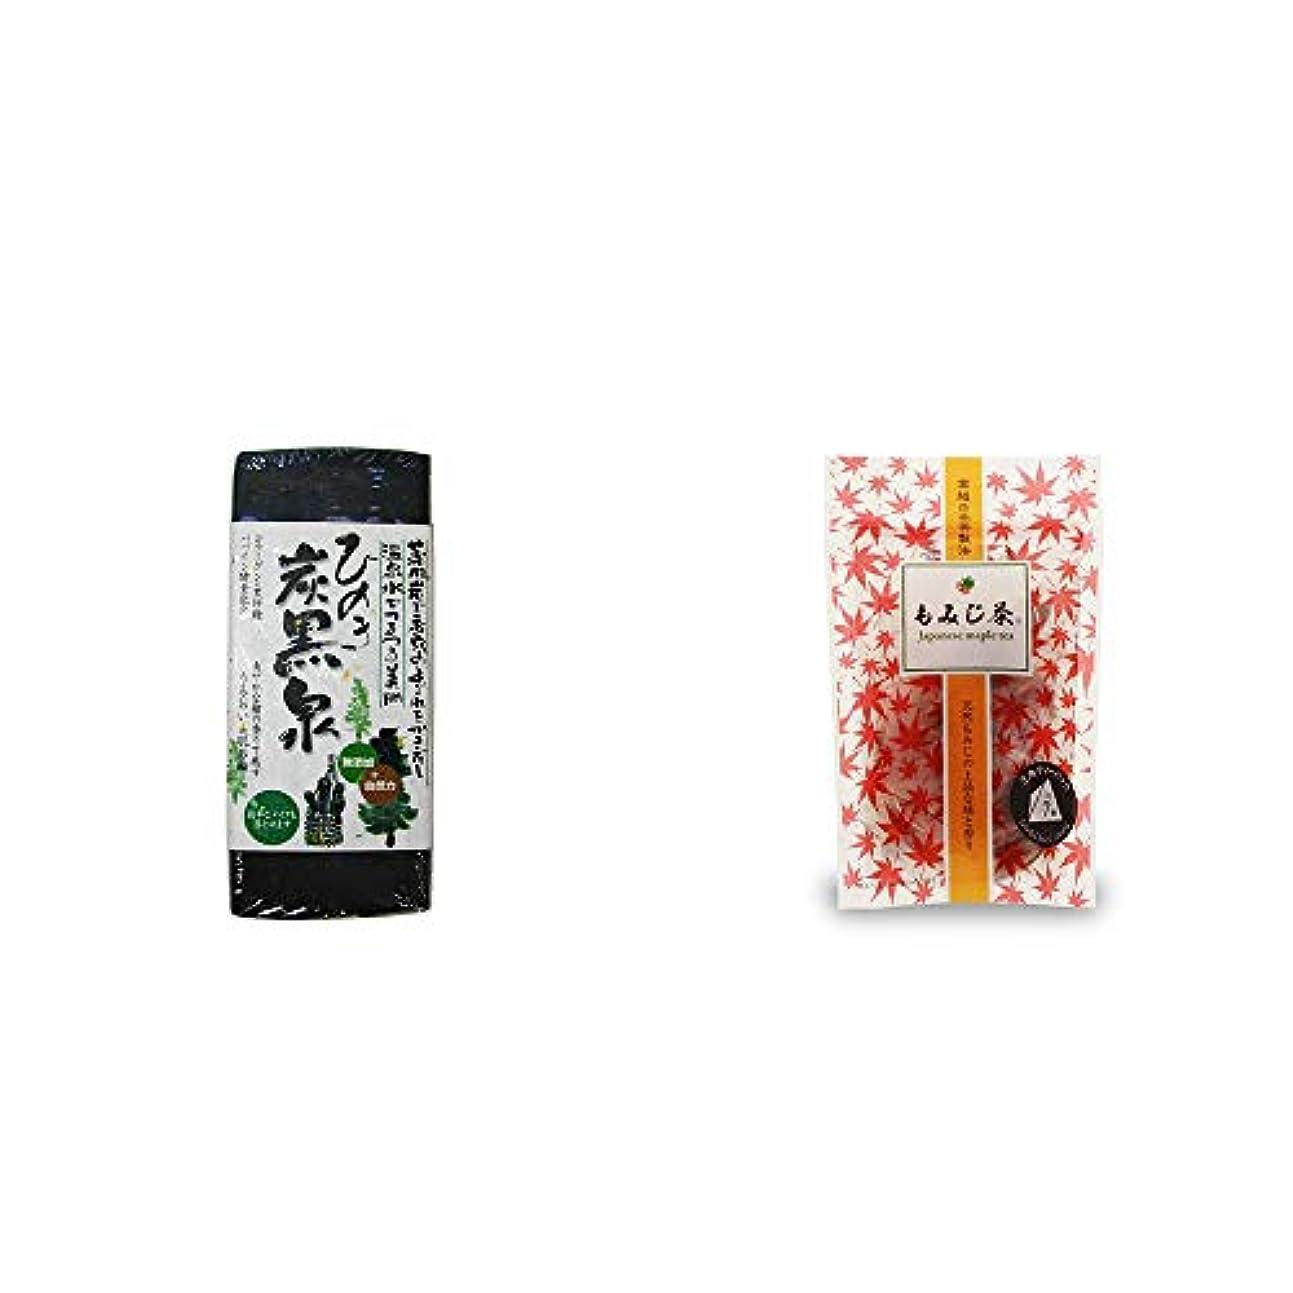 タンザニア実験室シャーク[2点セット] ひのき炭黒泉(75g×2)?もみじ茶(7パック入)